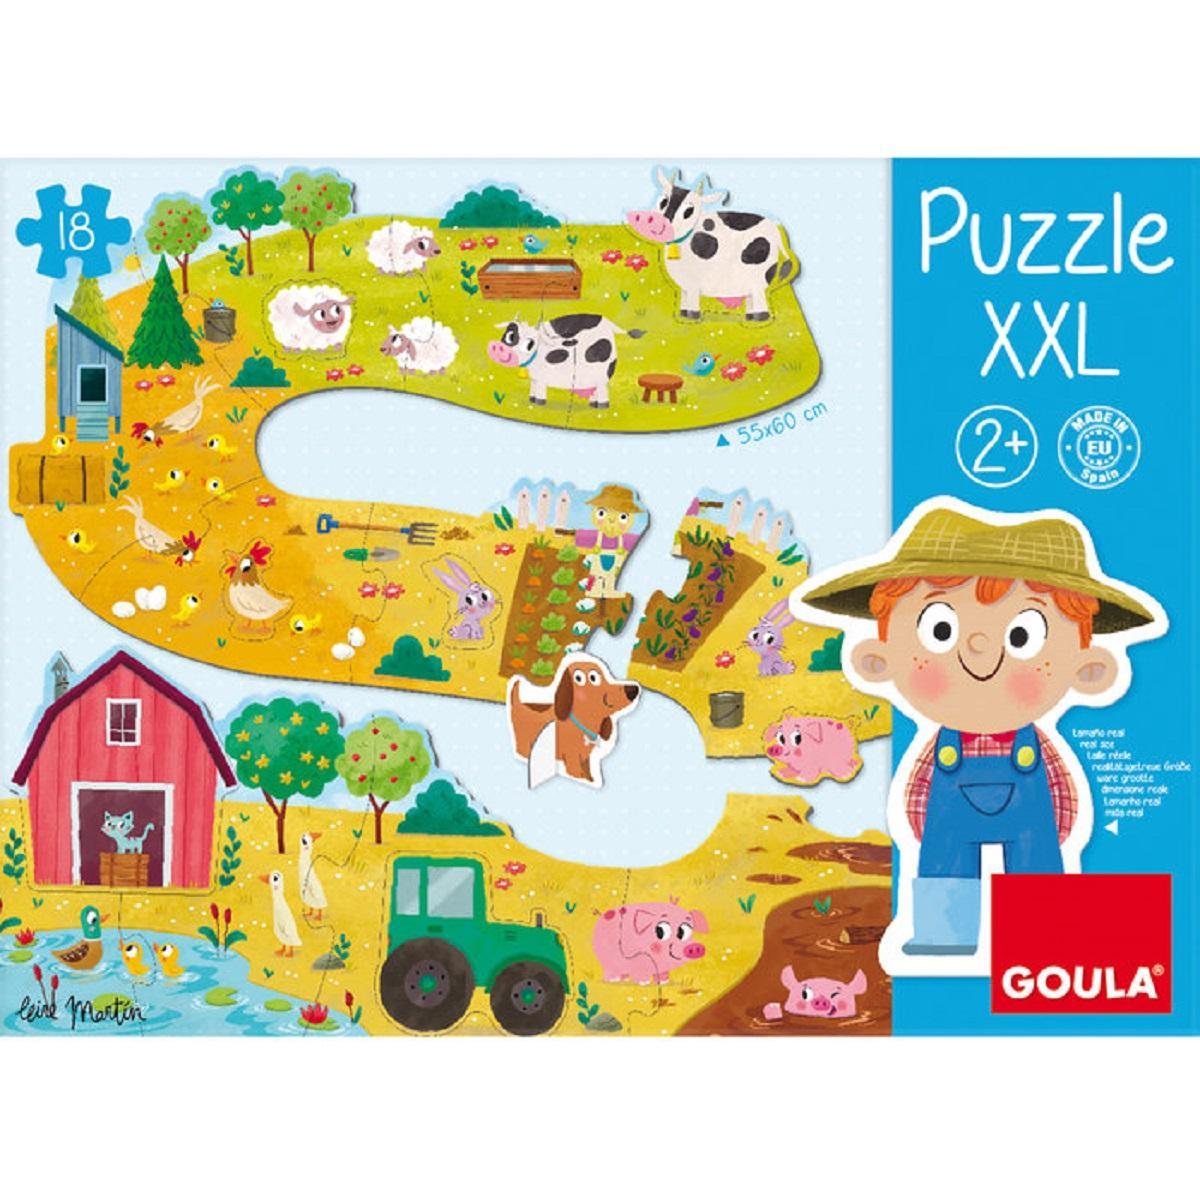 Puzzle XXL La Granja